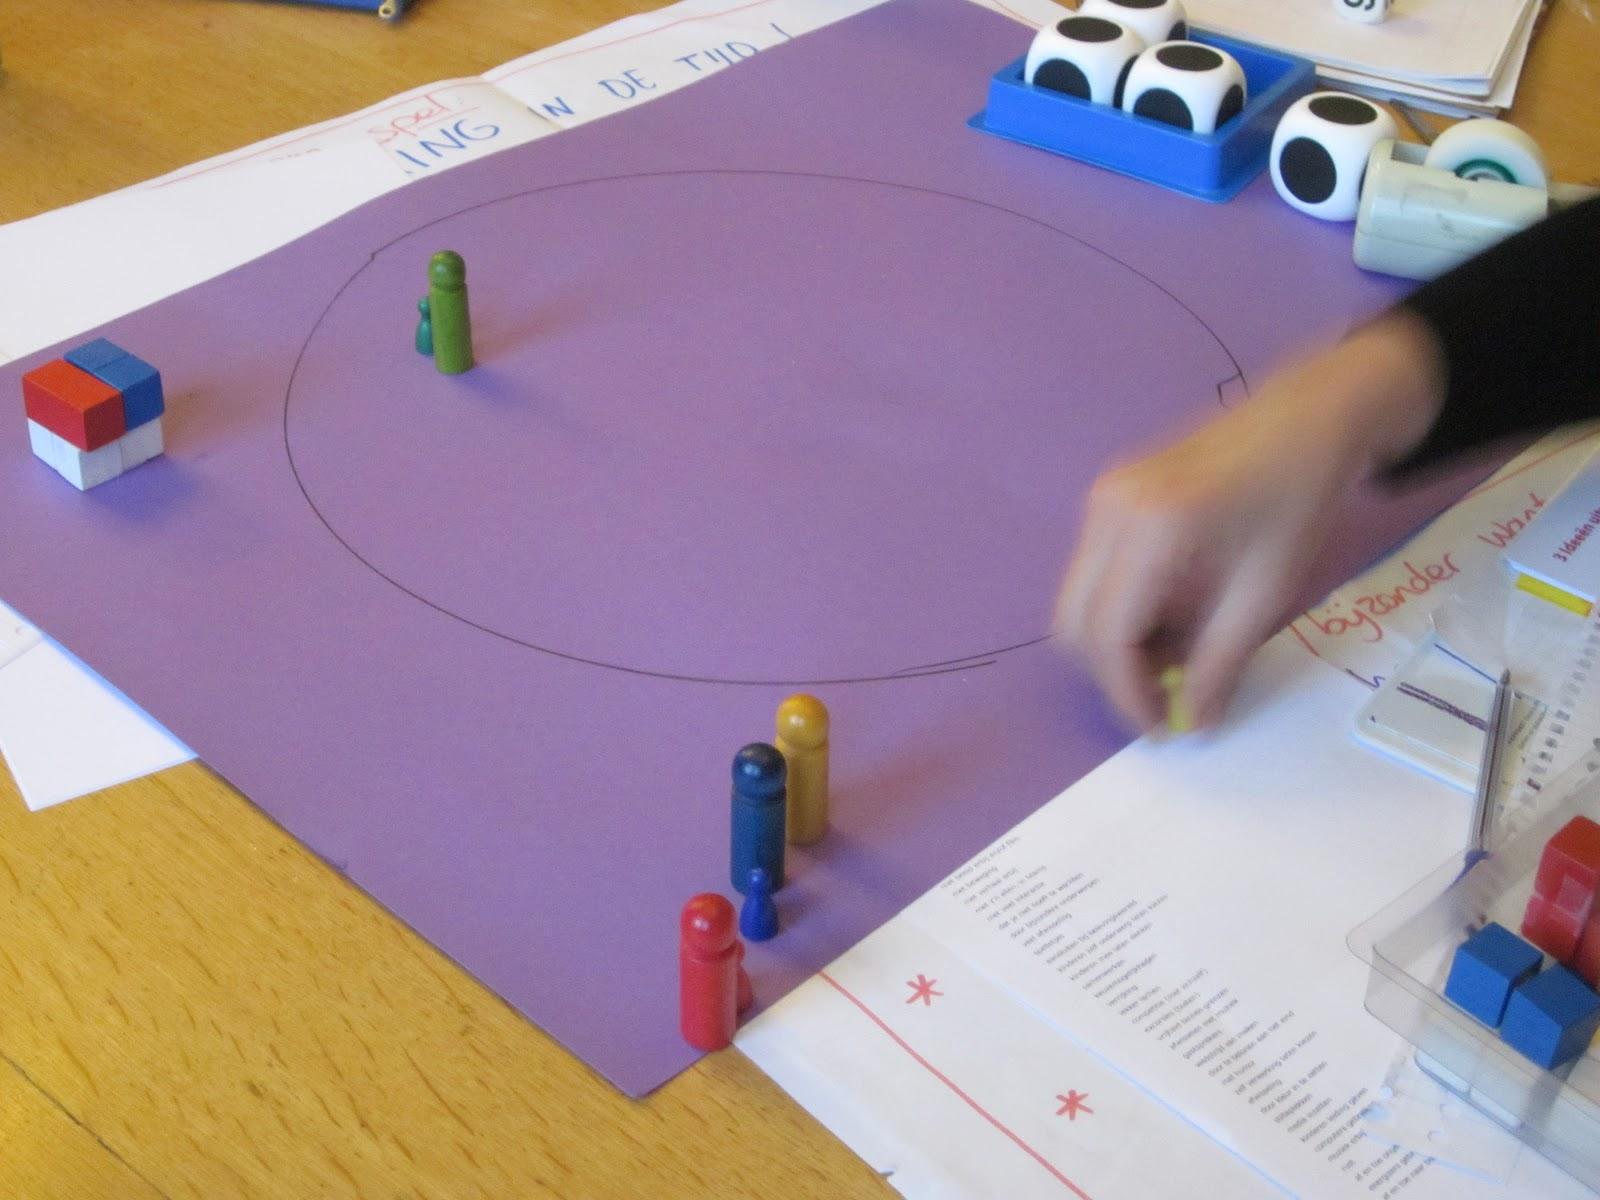 Ruimte voor Talent - Wetenschapsknooppunt Delft: Designed by Kids ...